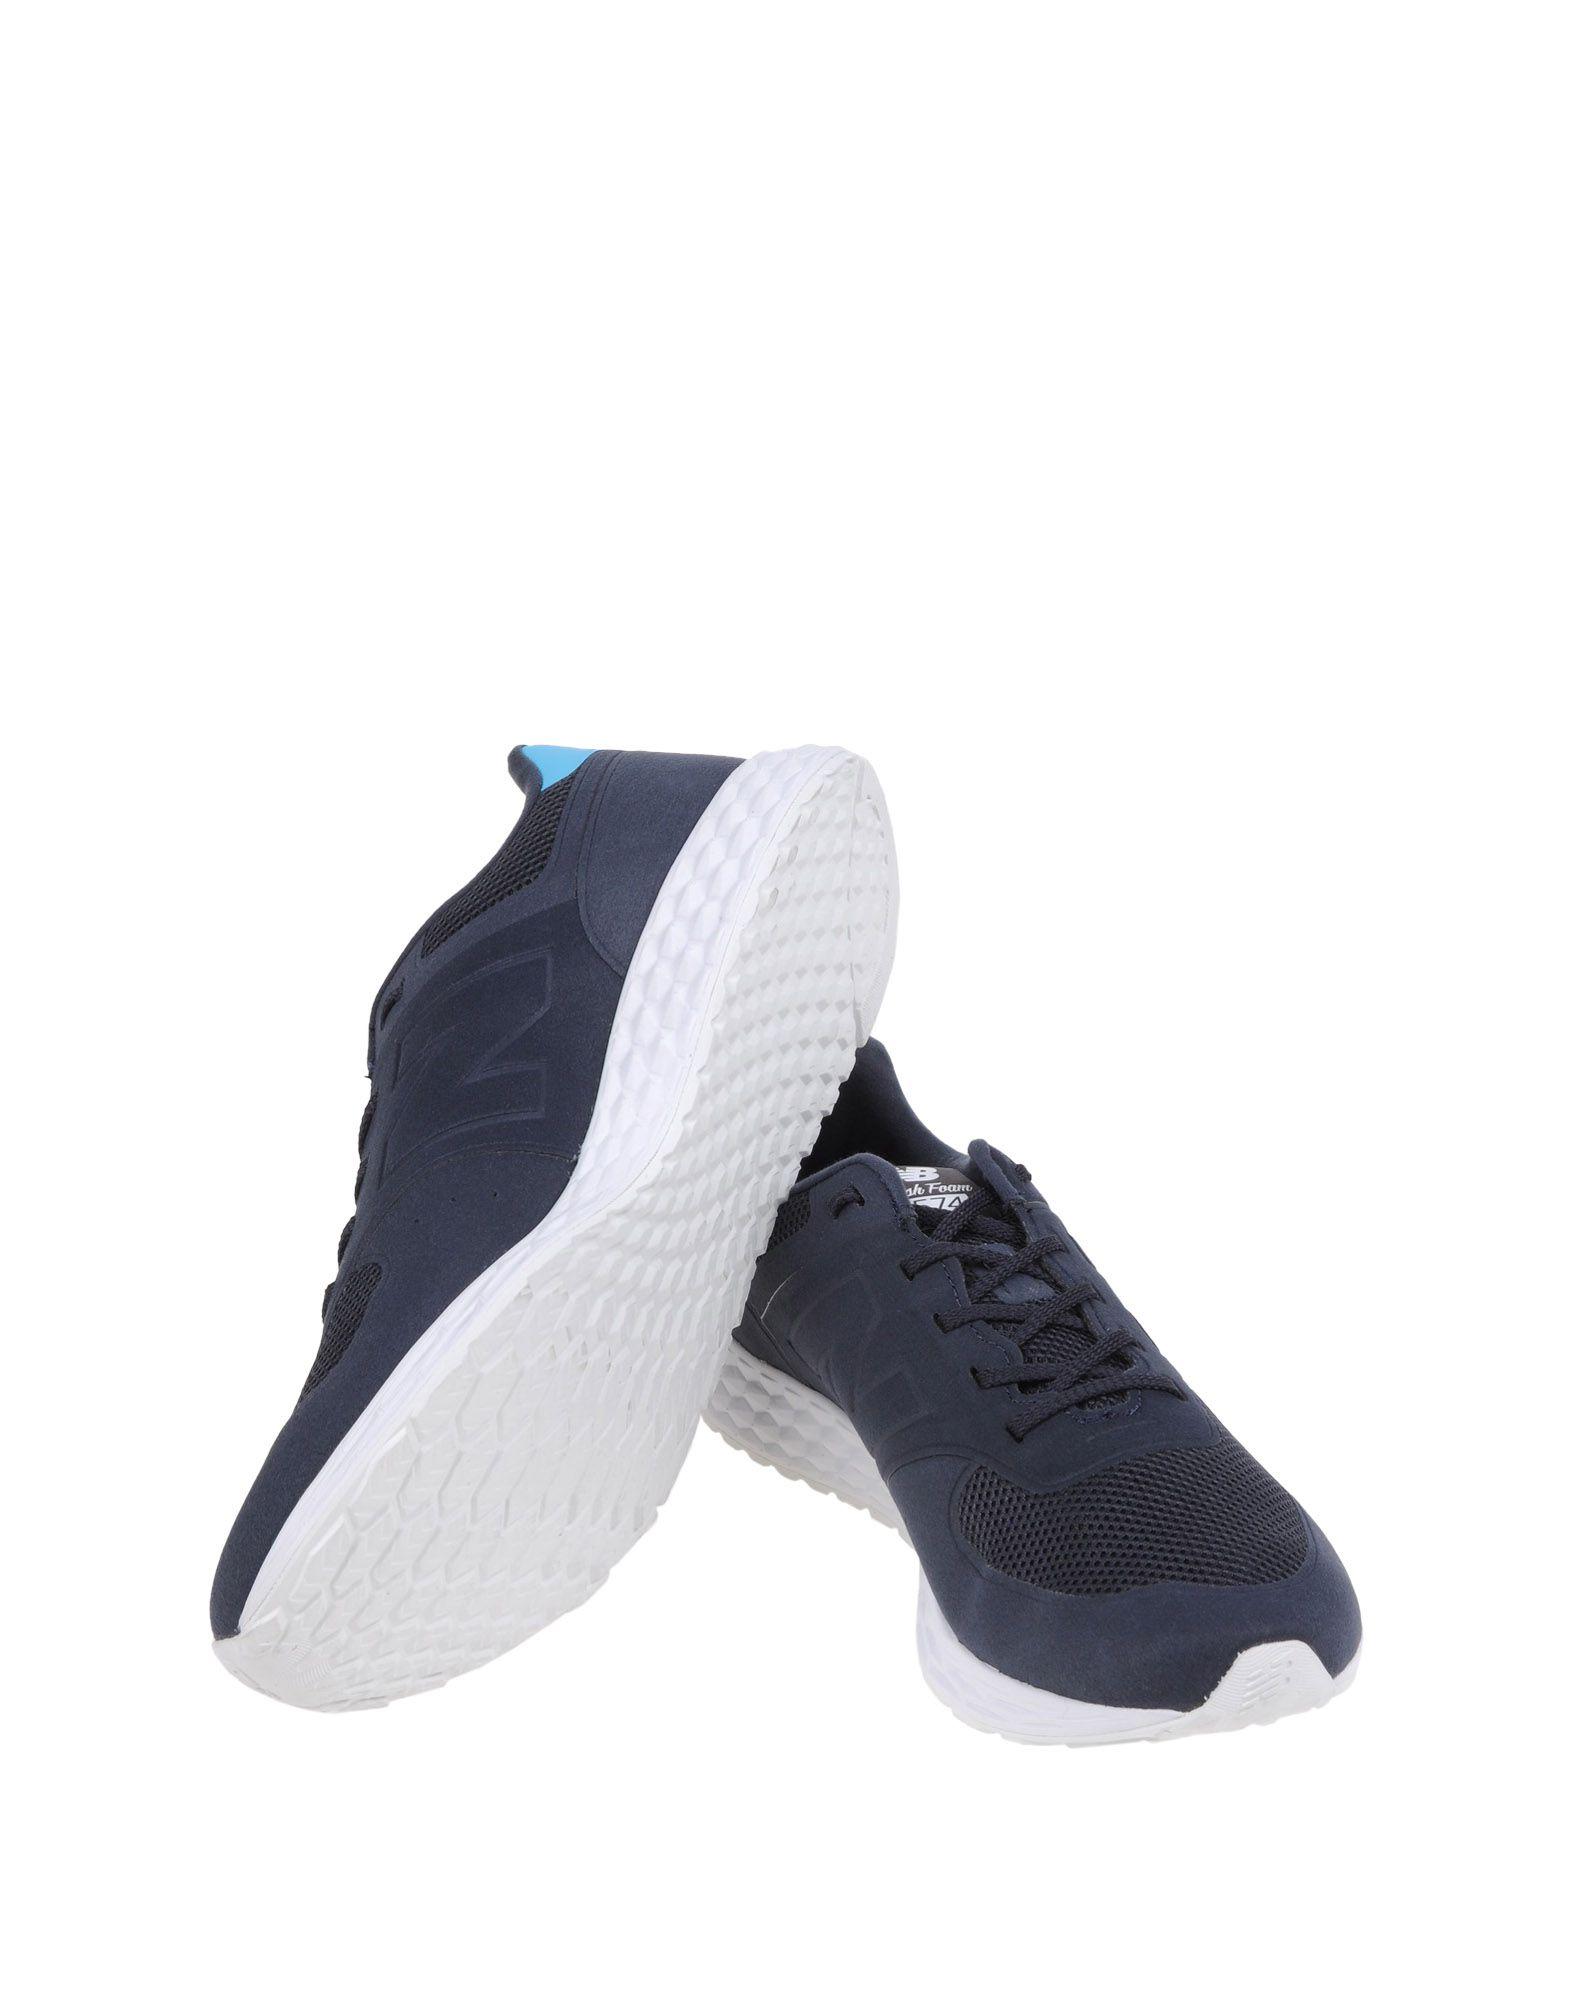 Rabatt echte Brights Schuhe New Balance 574 Brights echte  11019569WA fce383